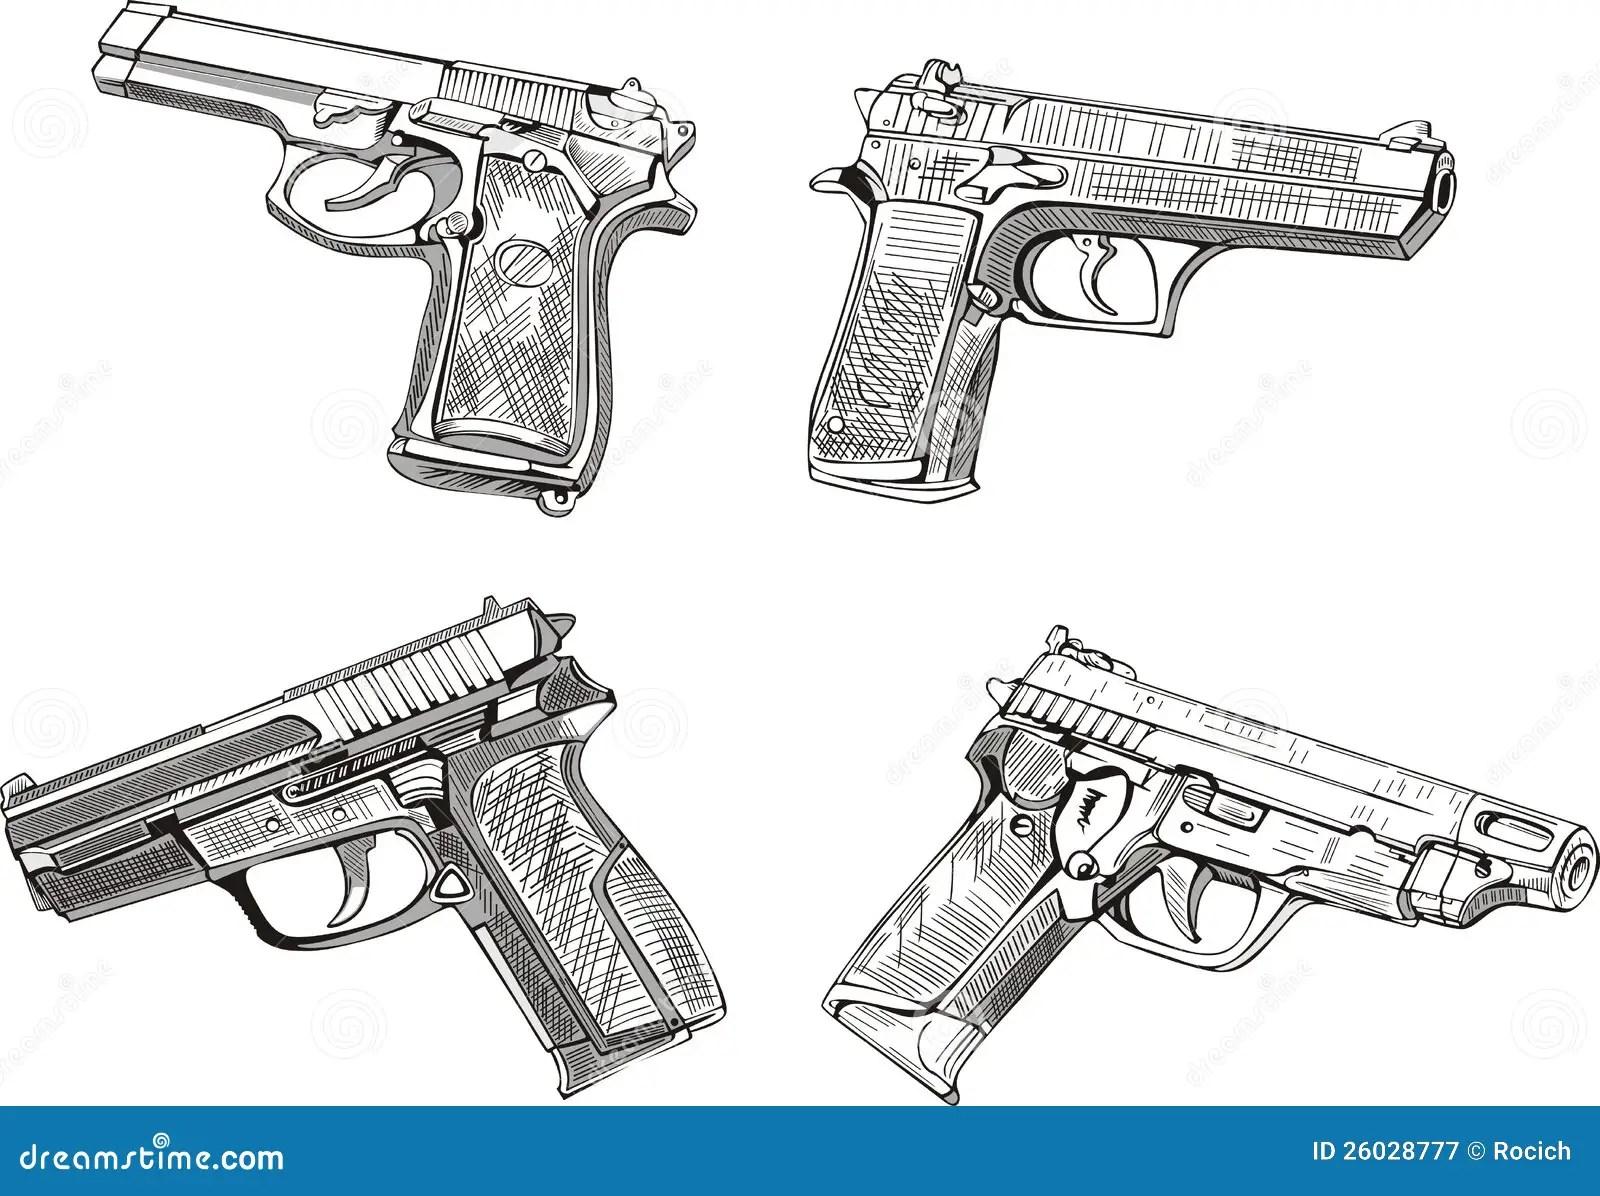 Pistol Sketches Stock Vector Illustration Of Pistol